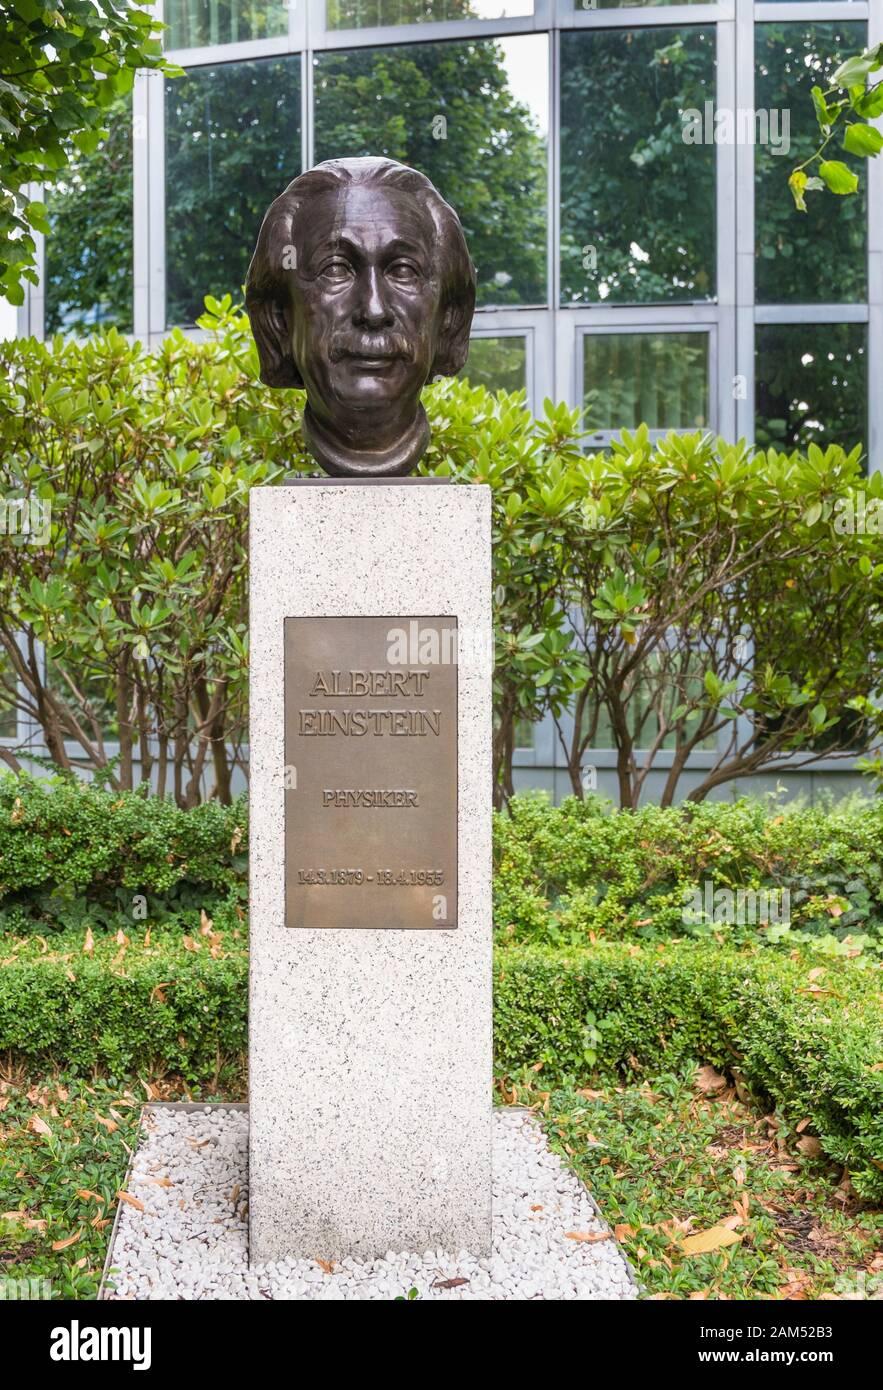 Albert einstein Büste an der Straße des Gedenkens, straße der erinnerung Stockfoto